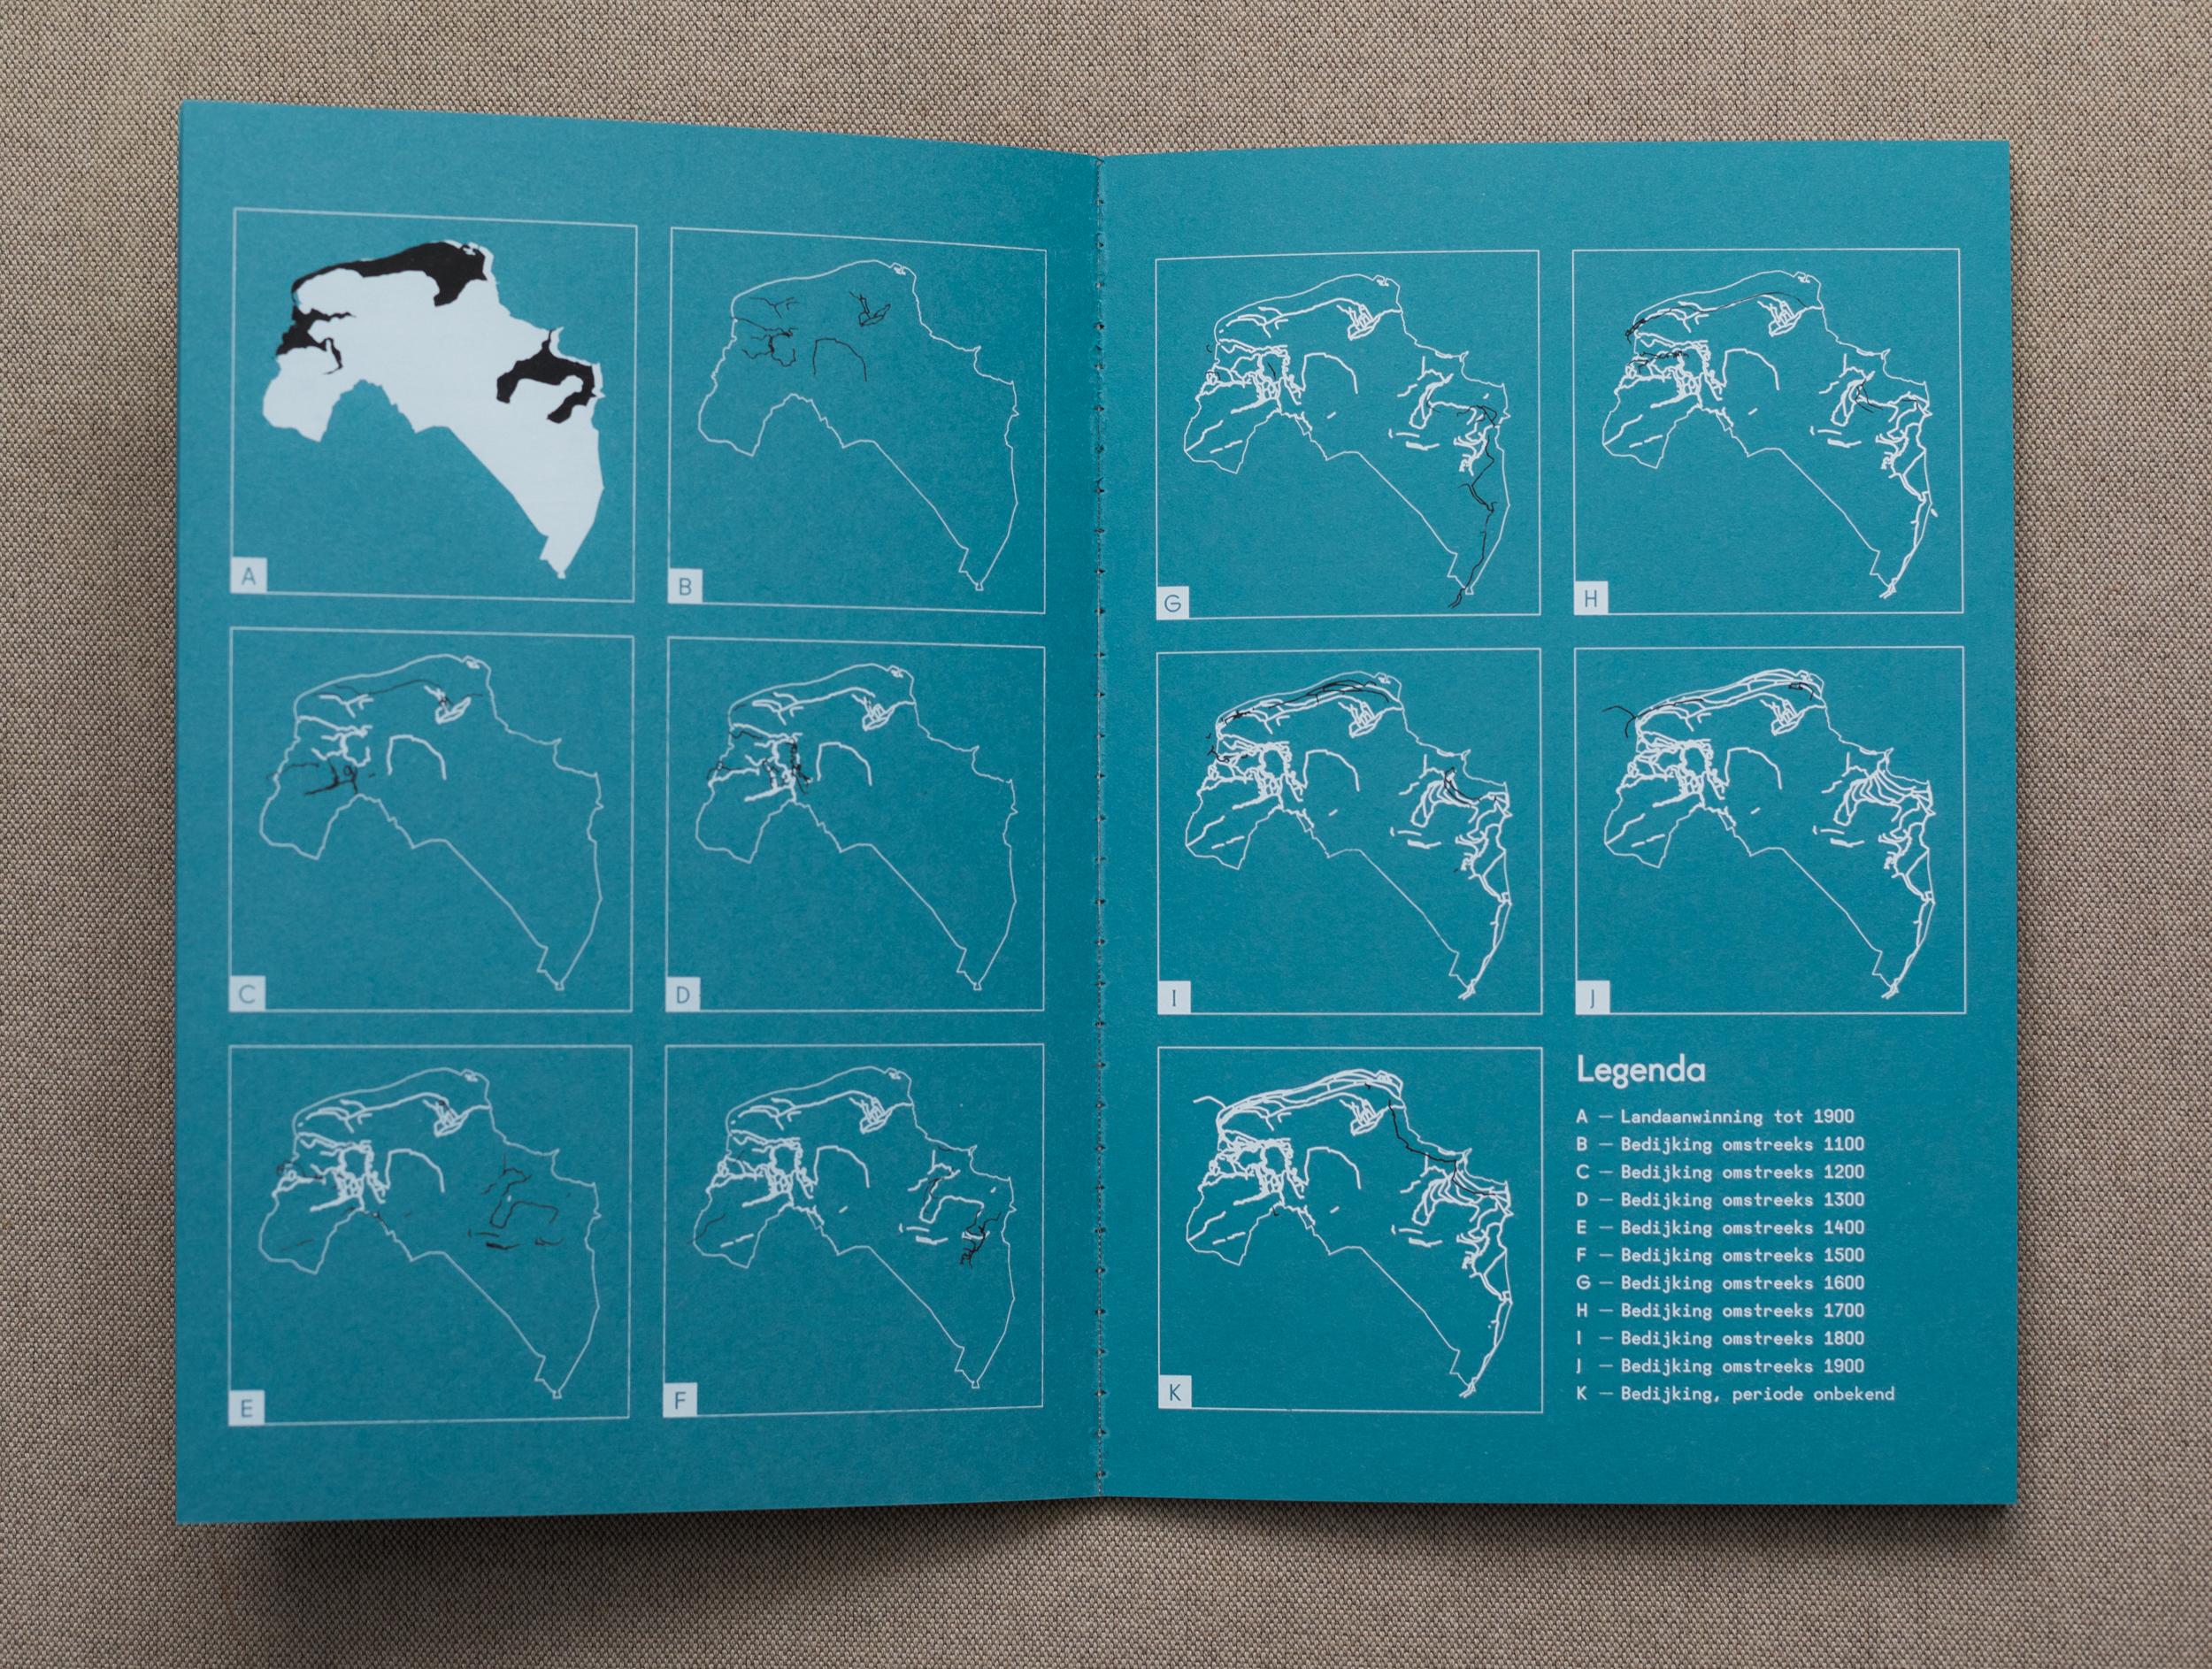 Ontwerpbureau Shootmedia ontwikkelde, met dank aan Ben Westerink van de RUG, speciaal voor dit project infographics die de bedijking van Groningen door de jaren heen in kaart brengt.  Bekijk hier de   PDF met infographics   over de bedijking, wierden en landaanwinning.